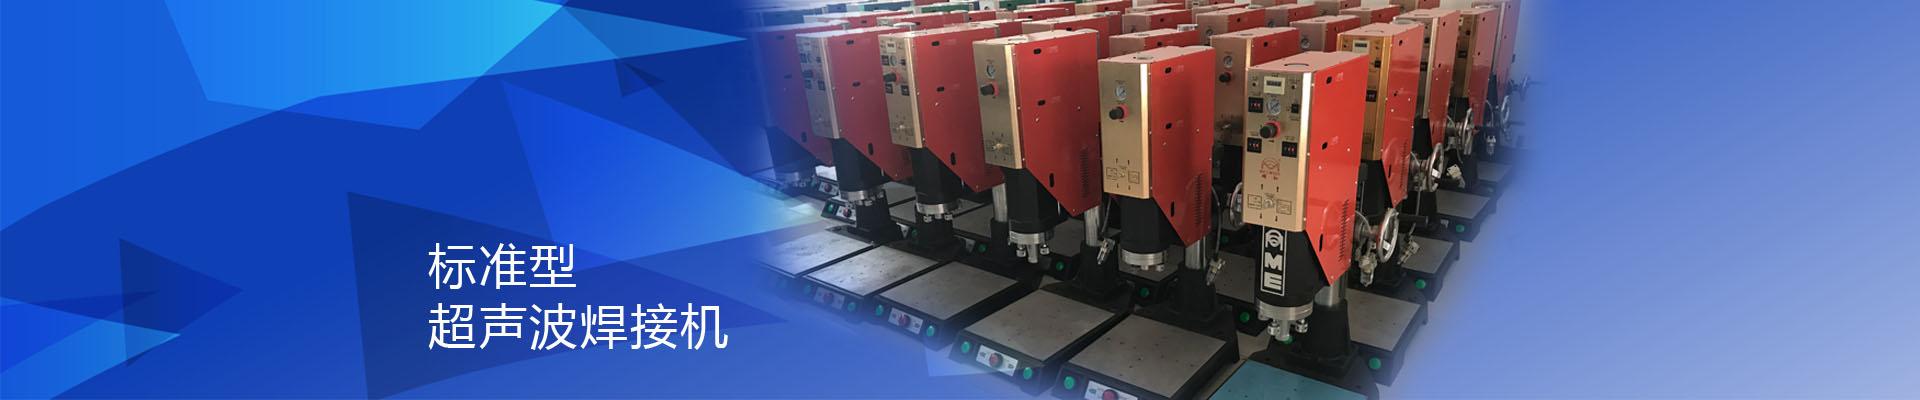 稷械超声波科技(上海)有限公司